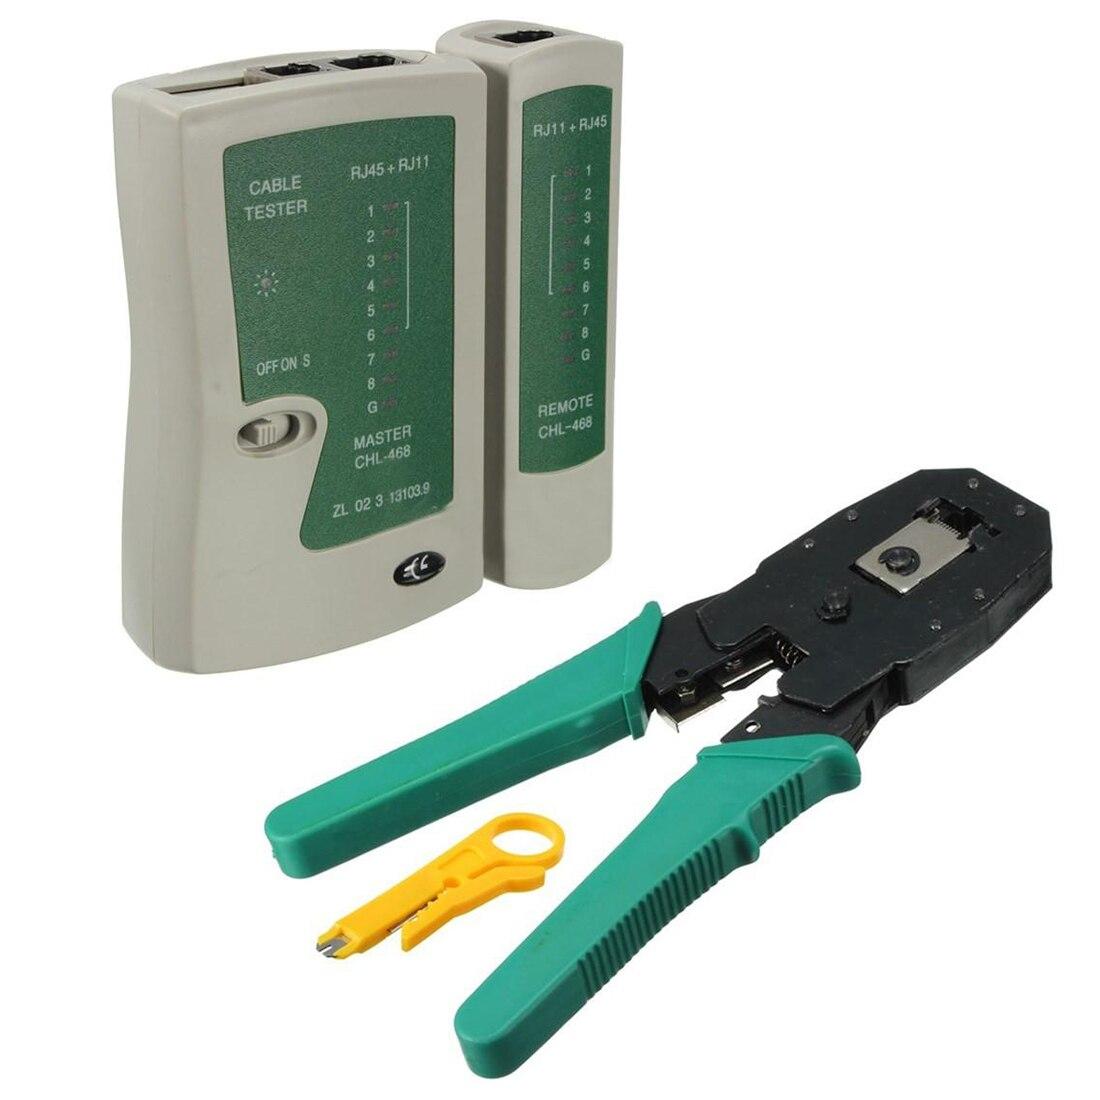 Probador de Cable de red profesional Lan rj45 rj11 con Cable de alambre Crimper engarzado Herramientas manuales de red